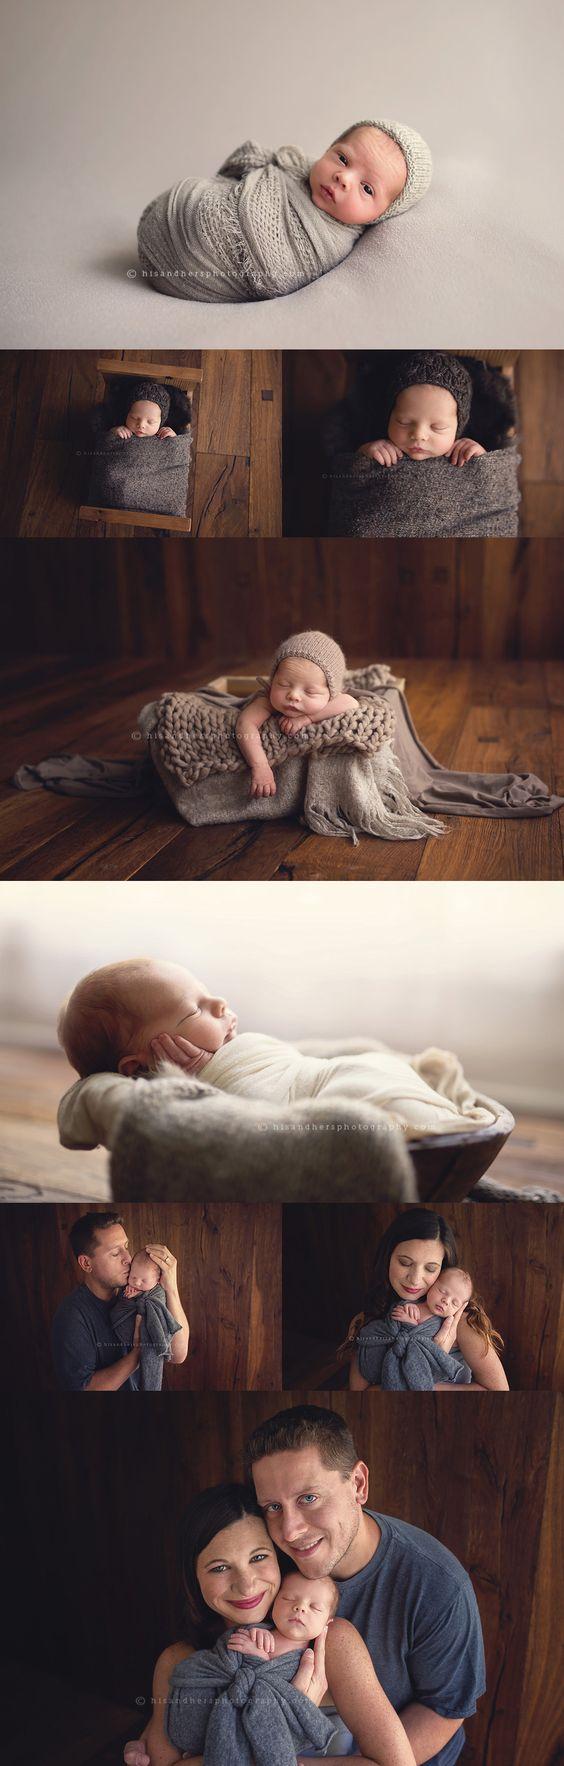 Escenarios para fotosde bebes